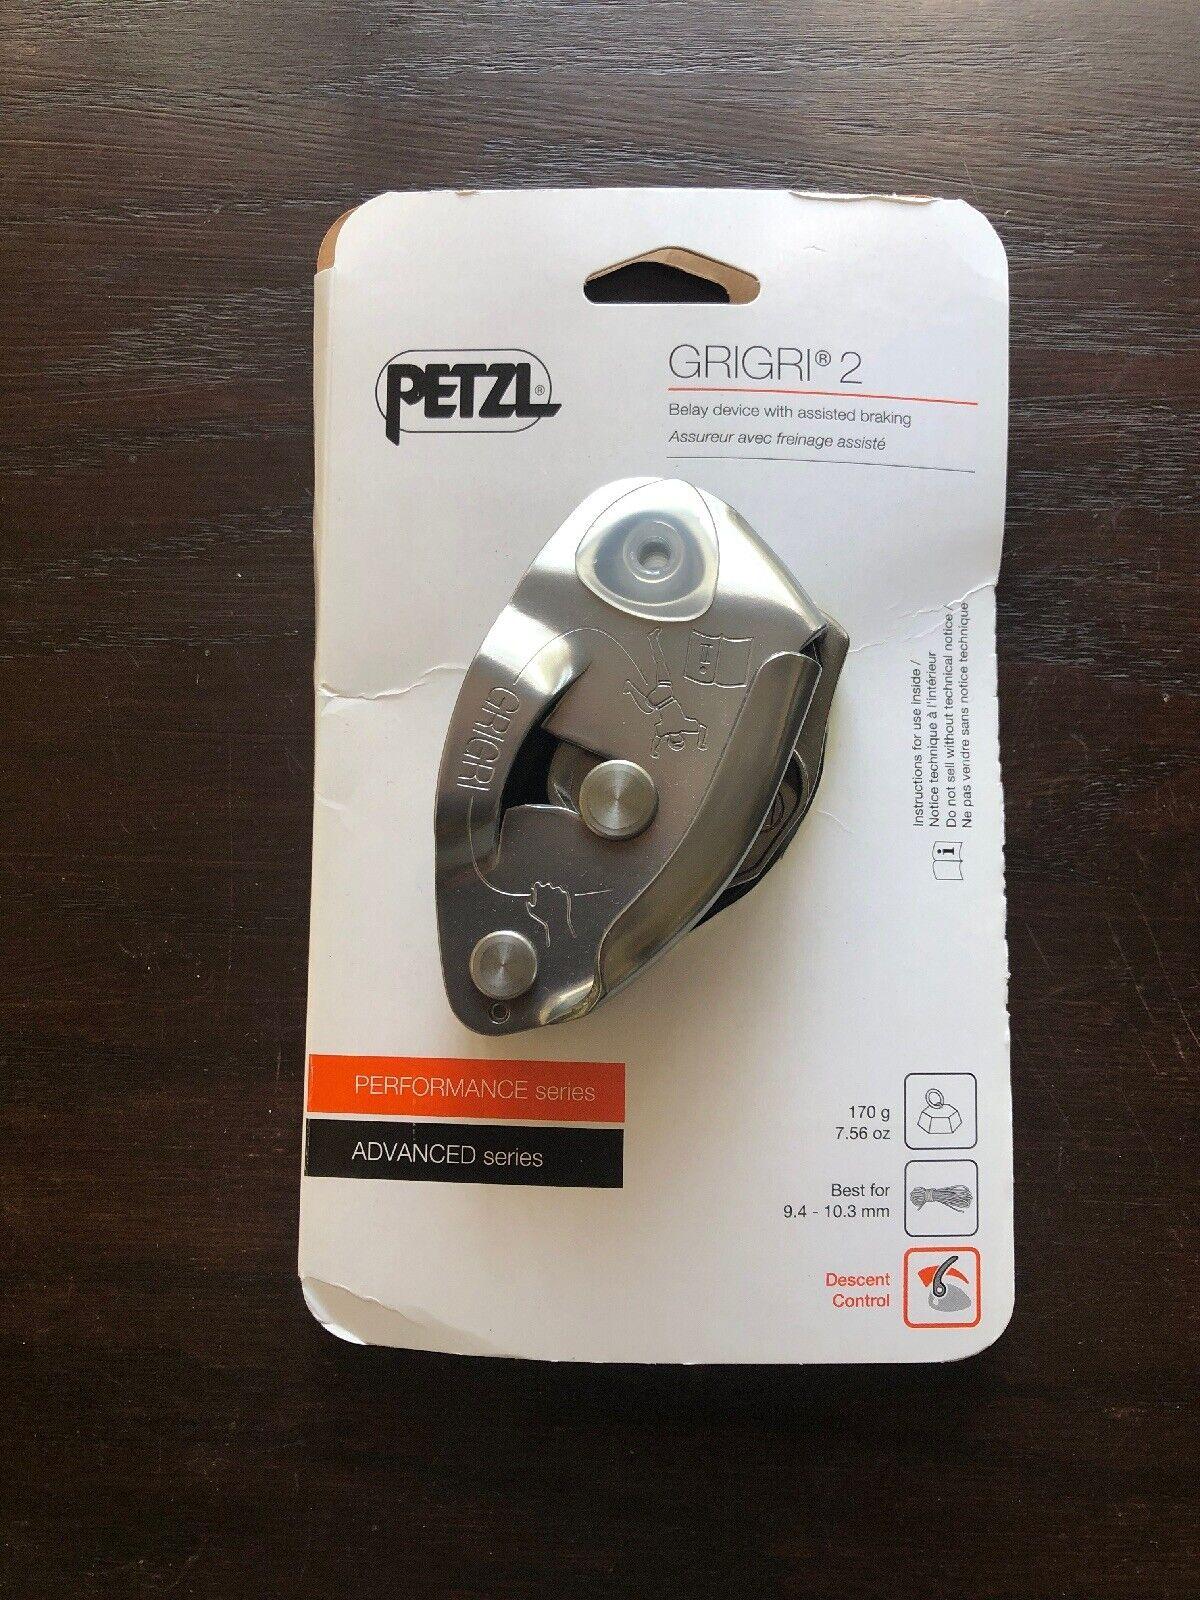 D14 2 G Petzl Grigri 2 Belay Device avec freinage assisté pour 8.9 To 11 Mm Corde